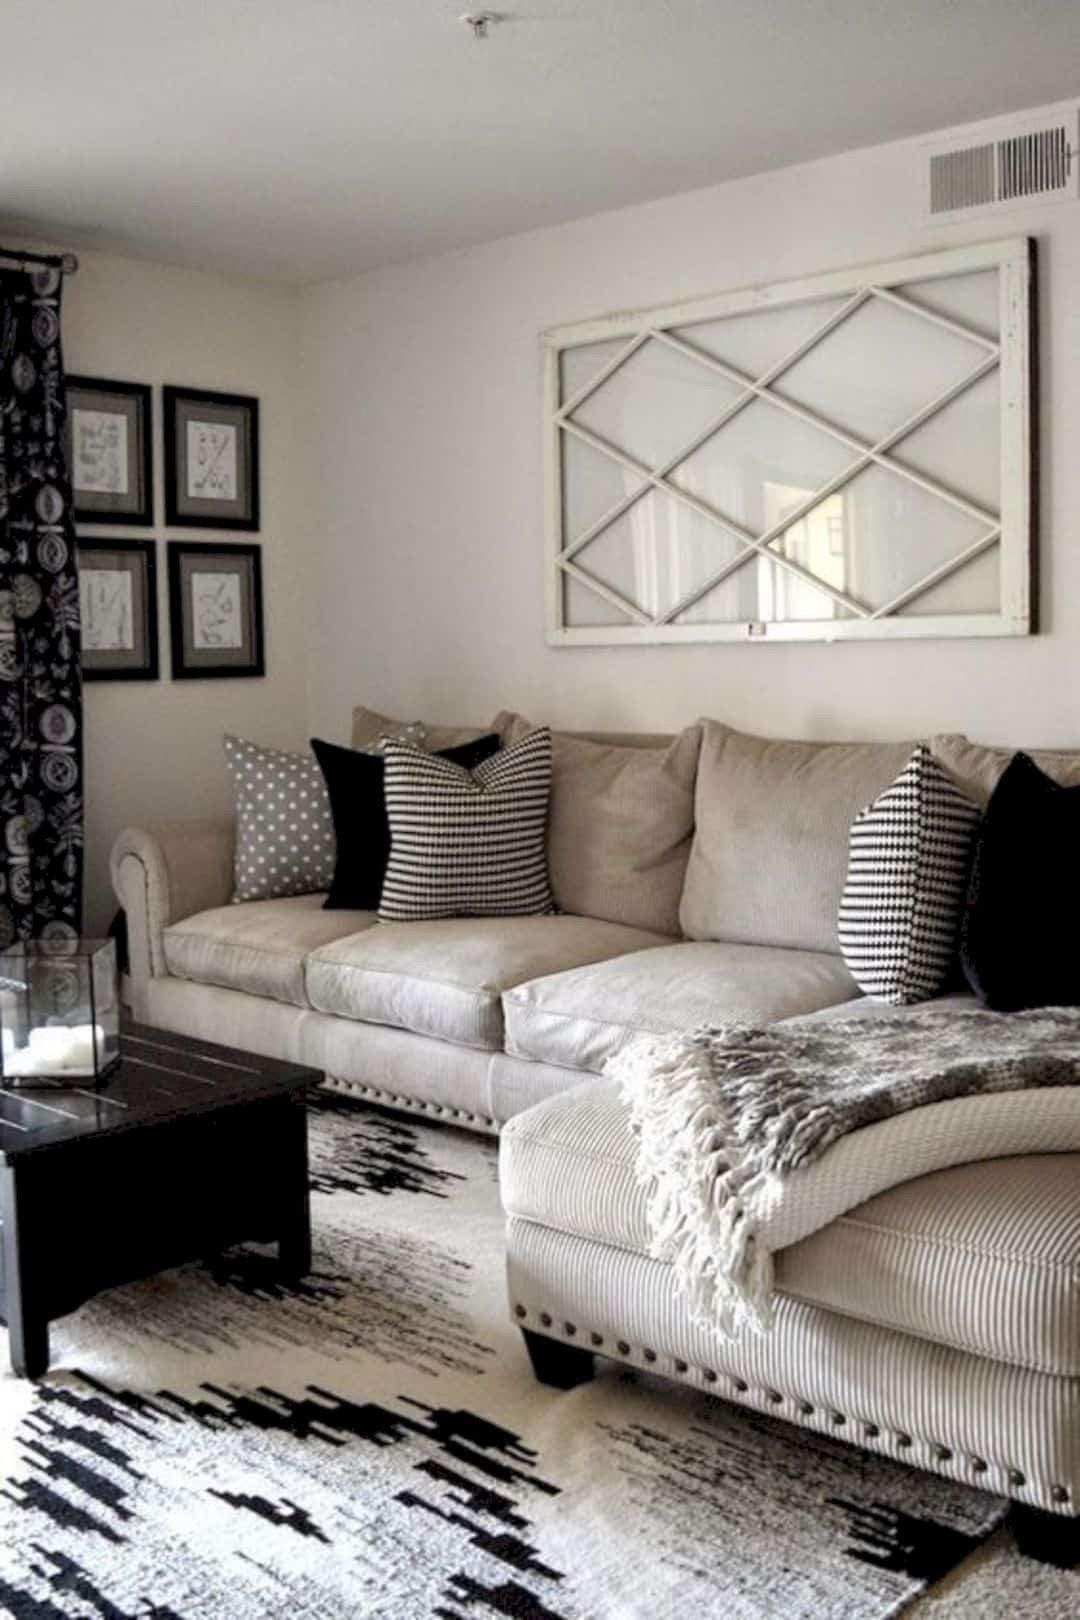 Living Room Wall Decor Ideas 16 Magnificent Living Room Walls Decorating Ideas